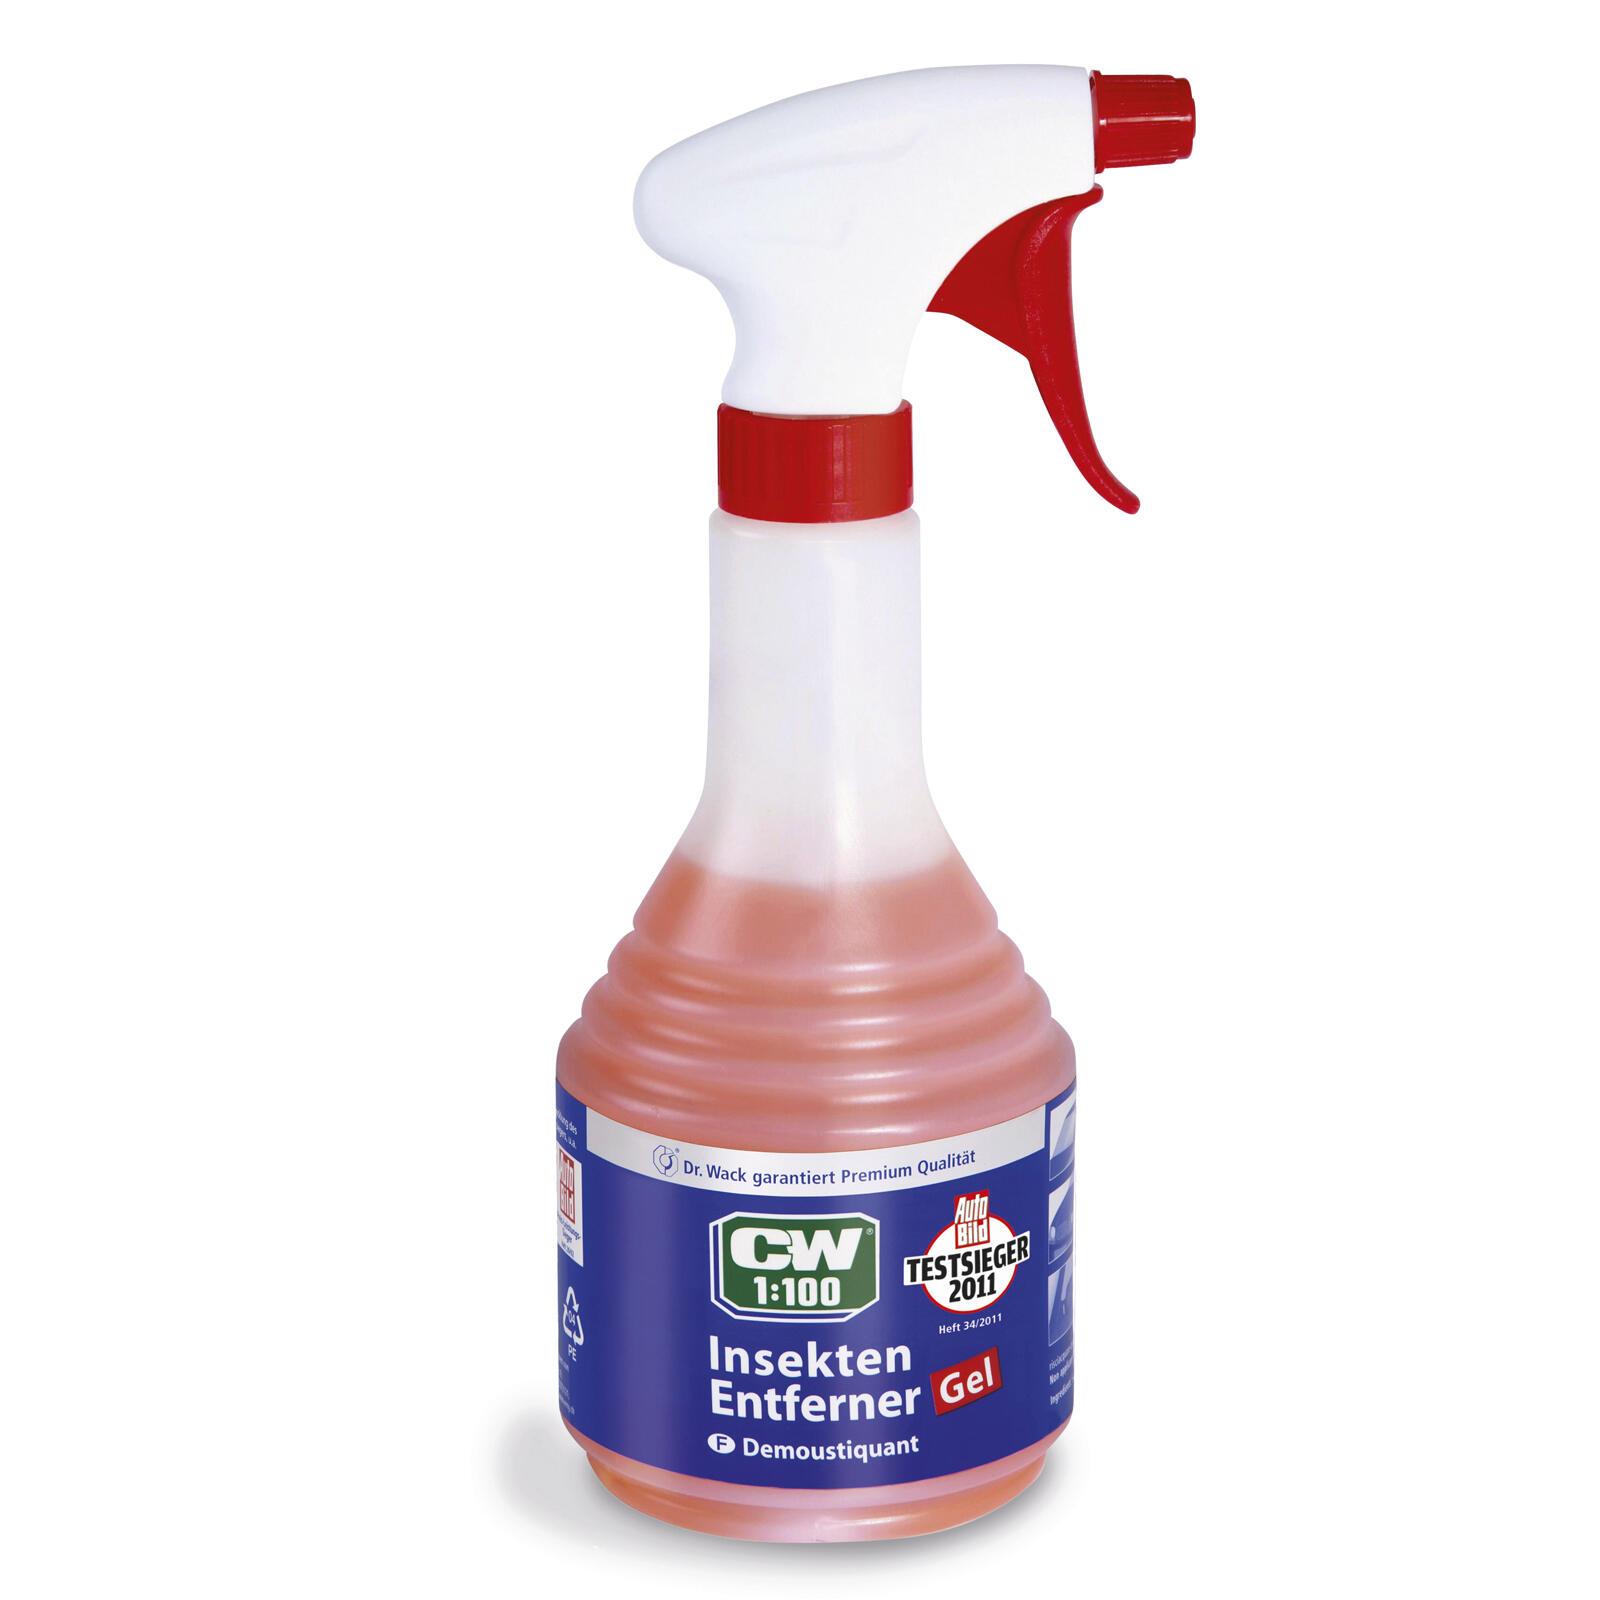 Dr. Wack CW 1:100 Insektenentferner Gel 500ml ATL tropft nicht wirkt optimal ein